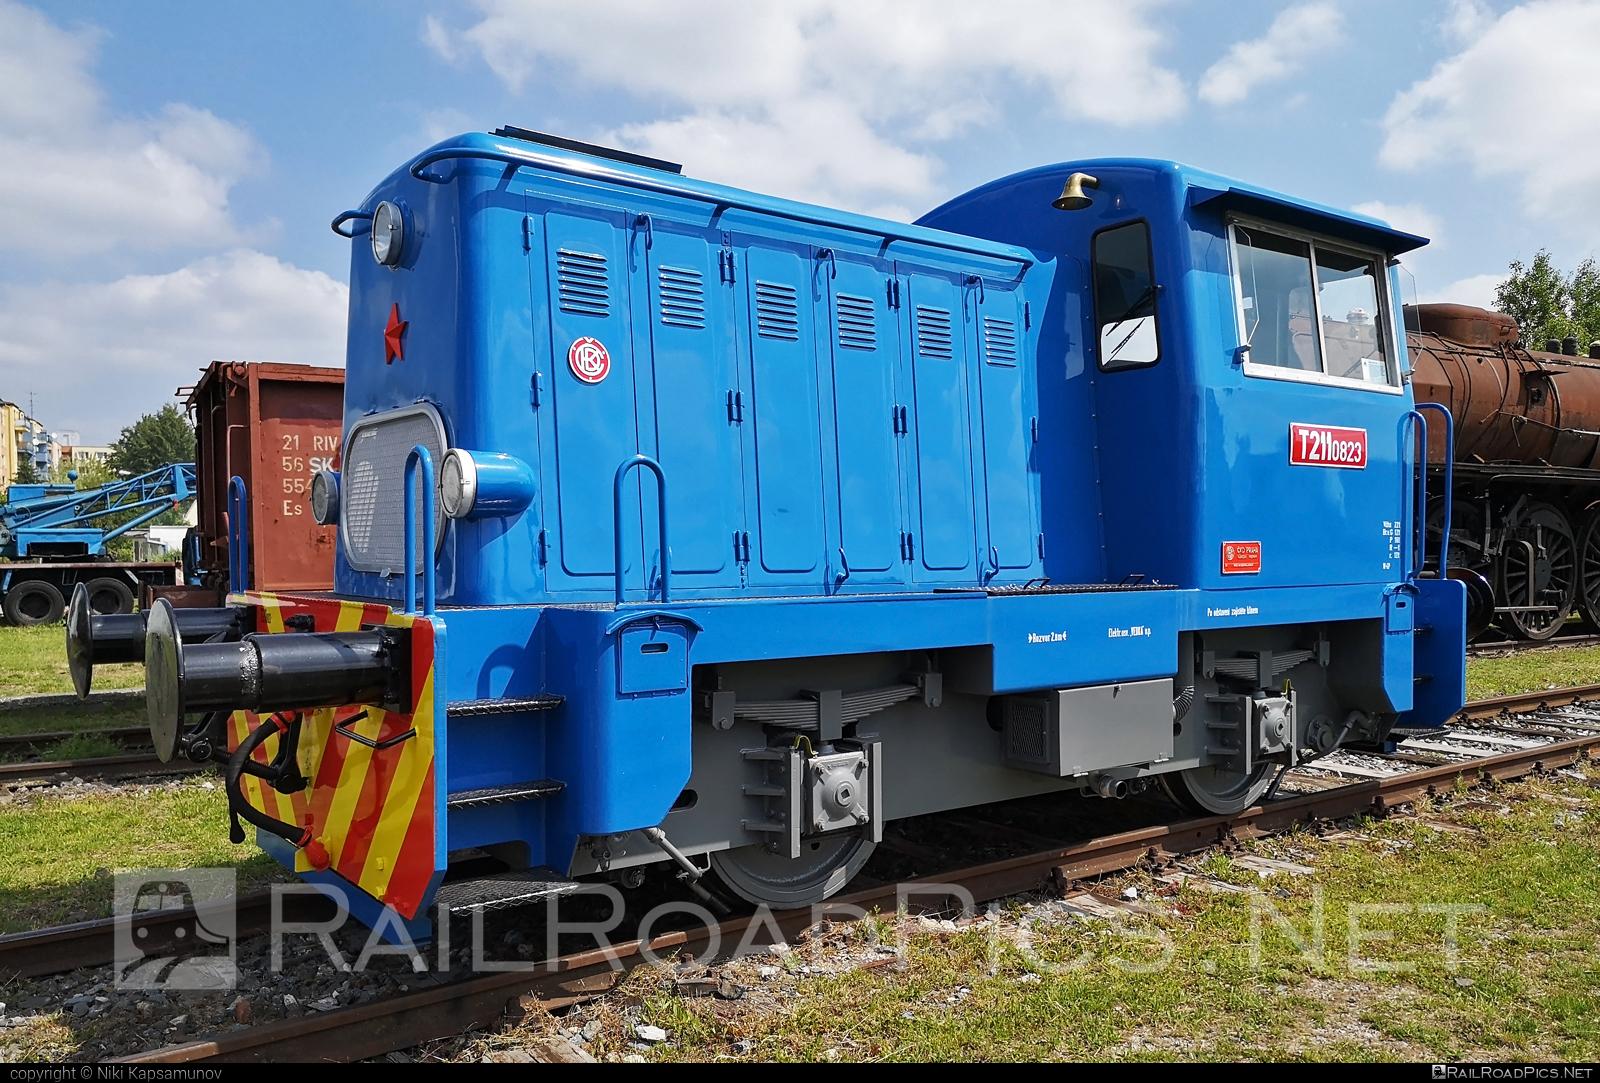 ČKD T 211.0 (700) - T211.0823 operated by Železnice Slovenskej Republiky #ckd #ckd2110 #ckd700 #ckdclass700 #ckdt2110 #locomotive700 #locomotivet211 #prasa #zelezniceslovenskejrepubliky #zsr